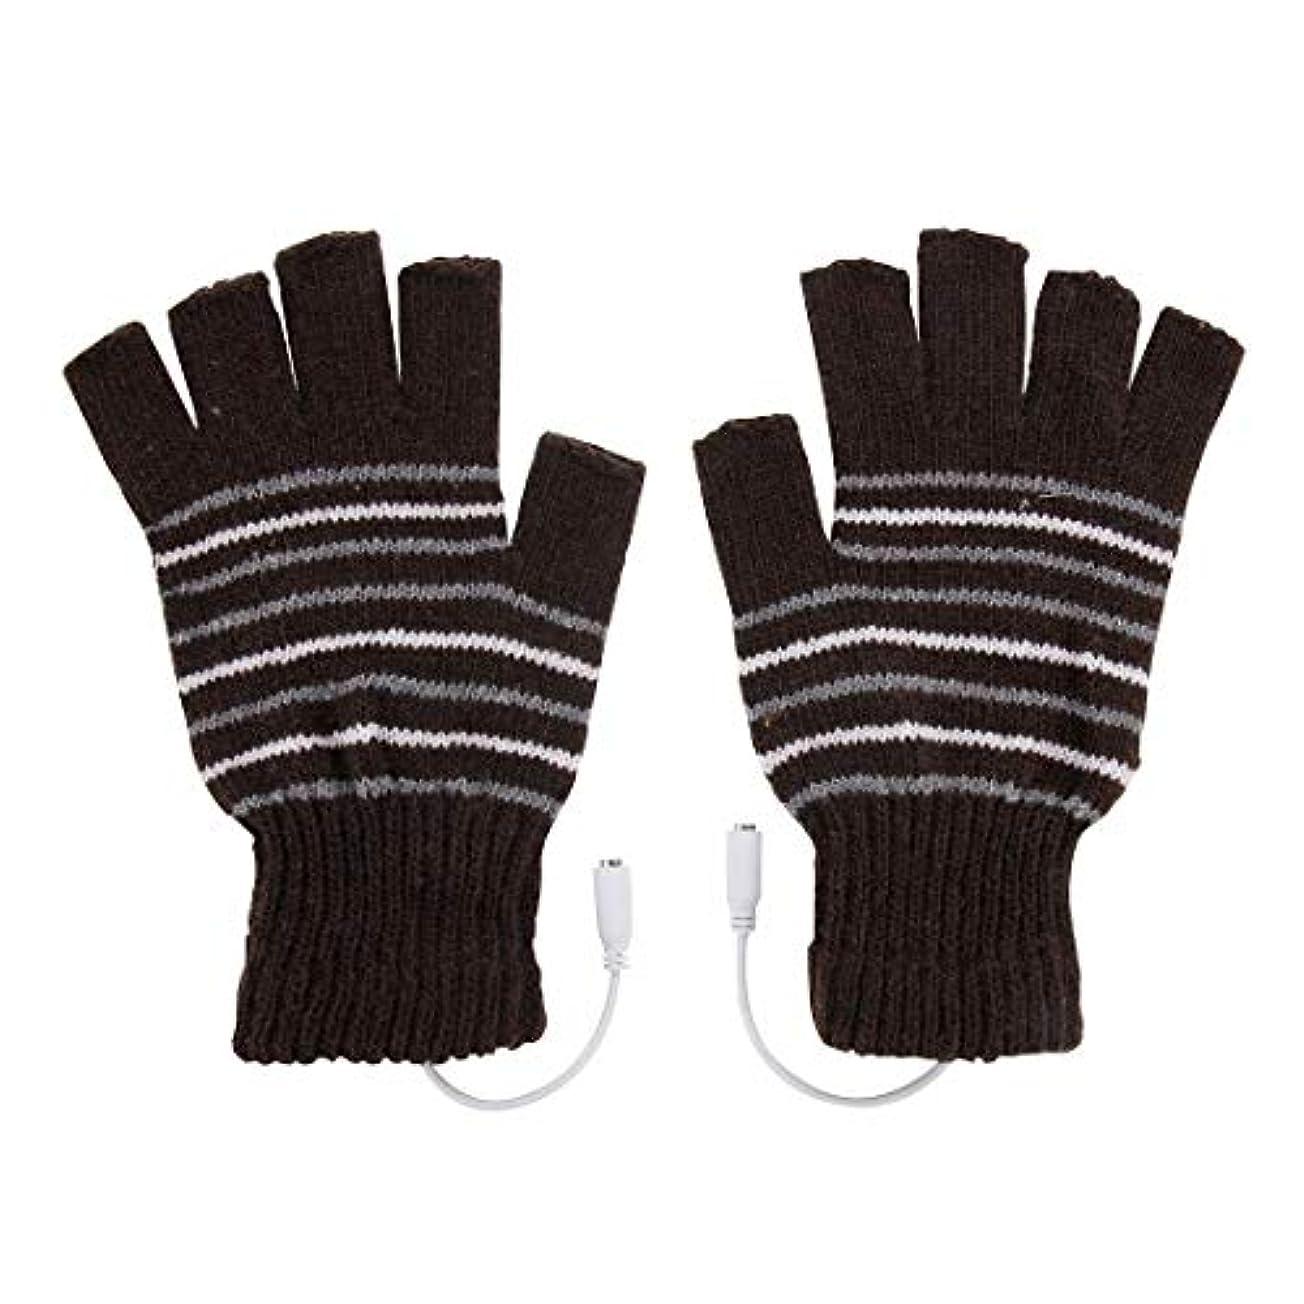 従来の序文部門BAJIMI 手袋 グローブ レディース/メンズ ハンド ケア アウトドアスポーツ電気加熱半指ニット耐久性のある手袋 裏起毛 おしゃれ 手触りが良い 運転 耐磨耗性 換気性